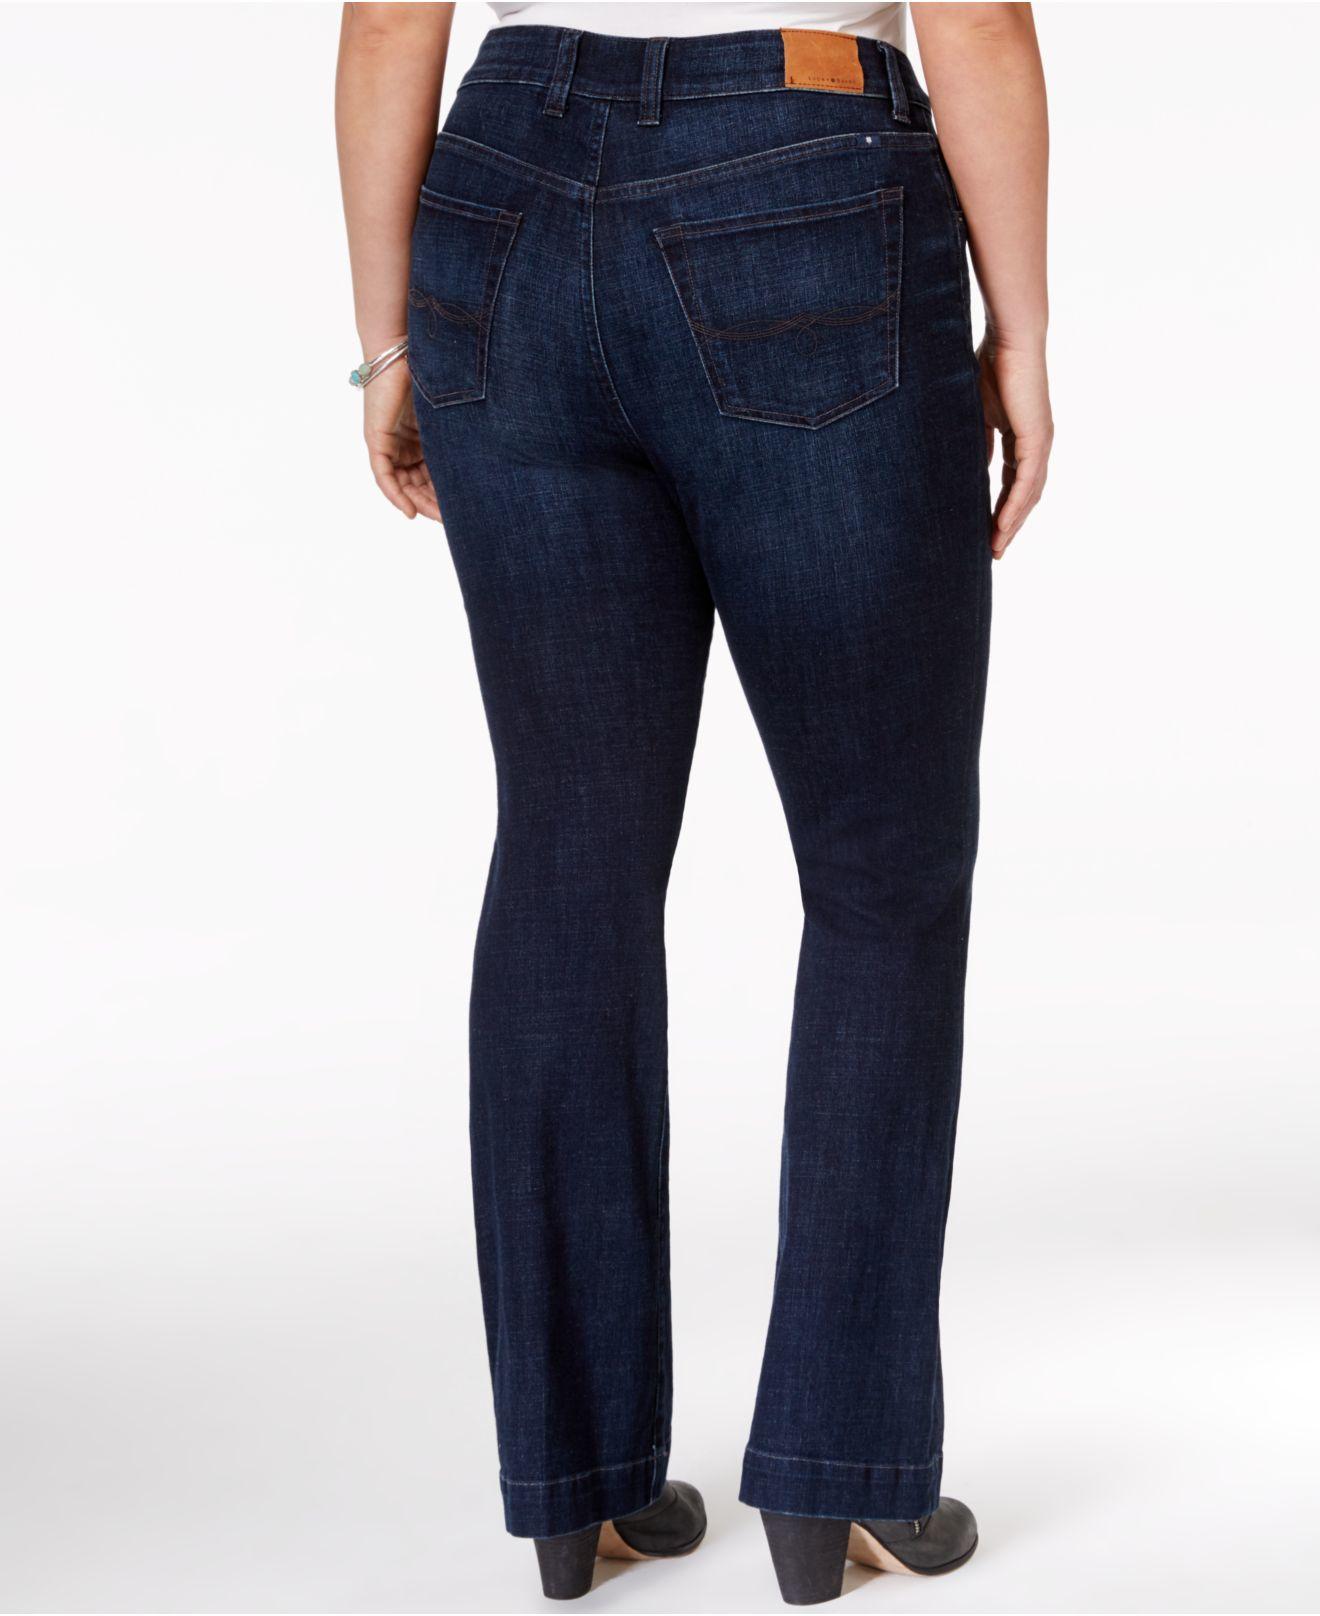 Jeans - Jeans Am - Part 499